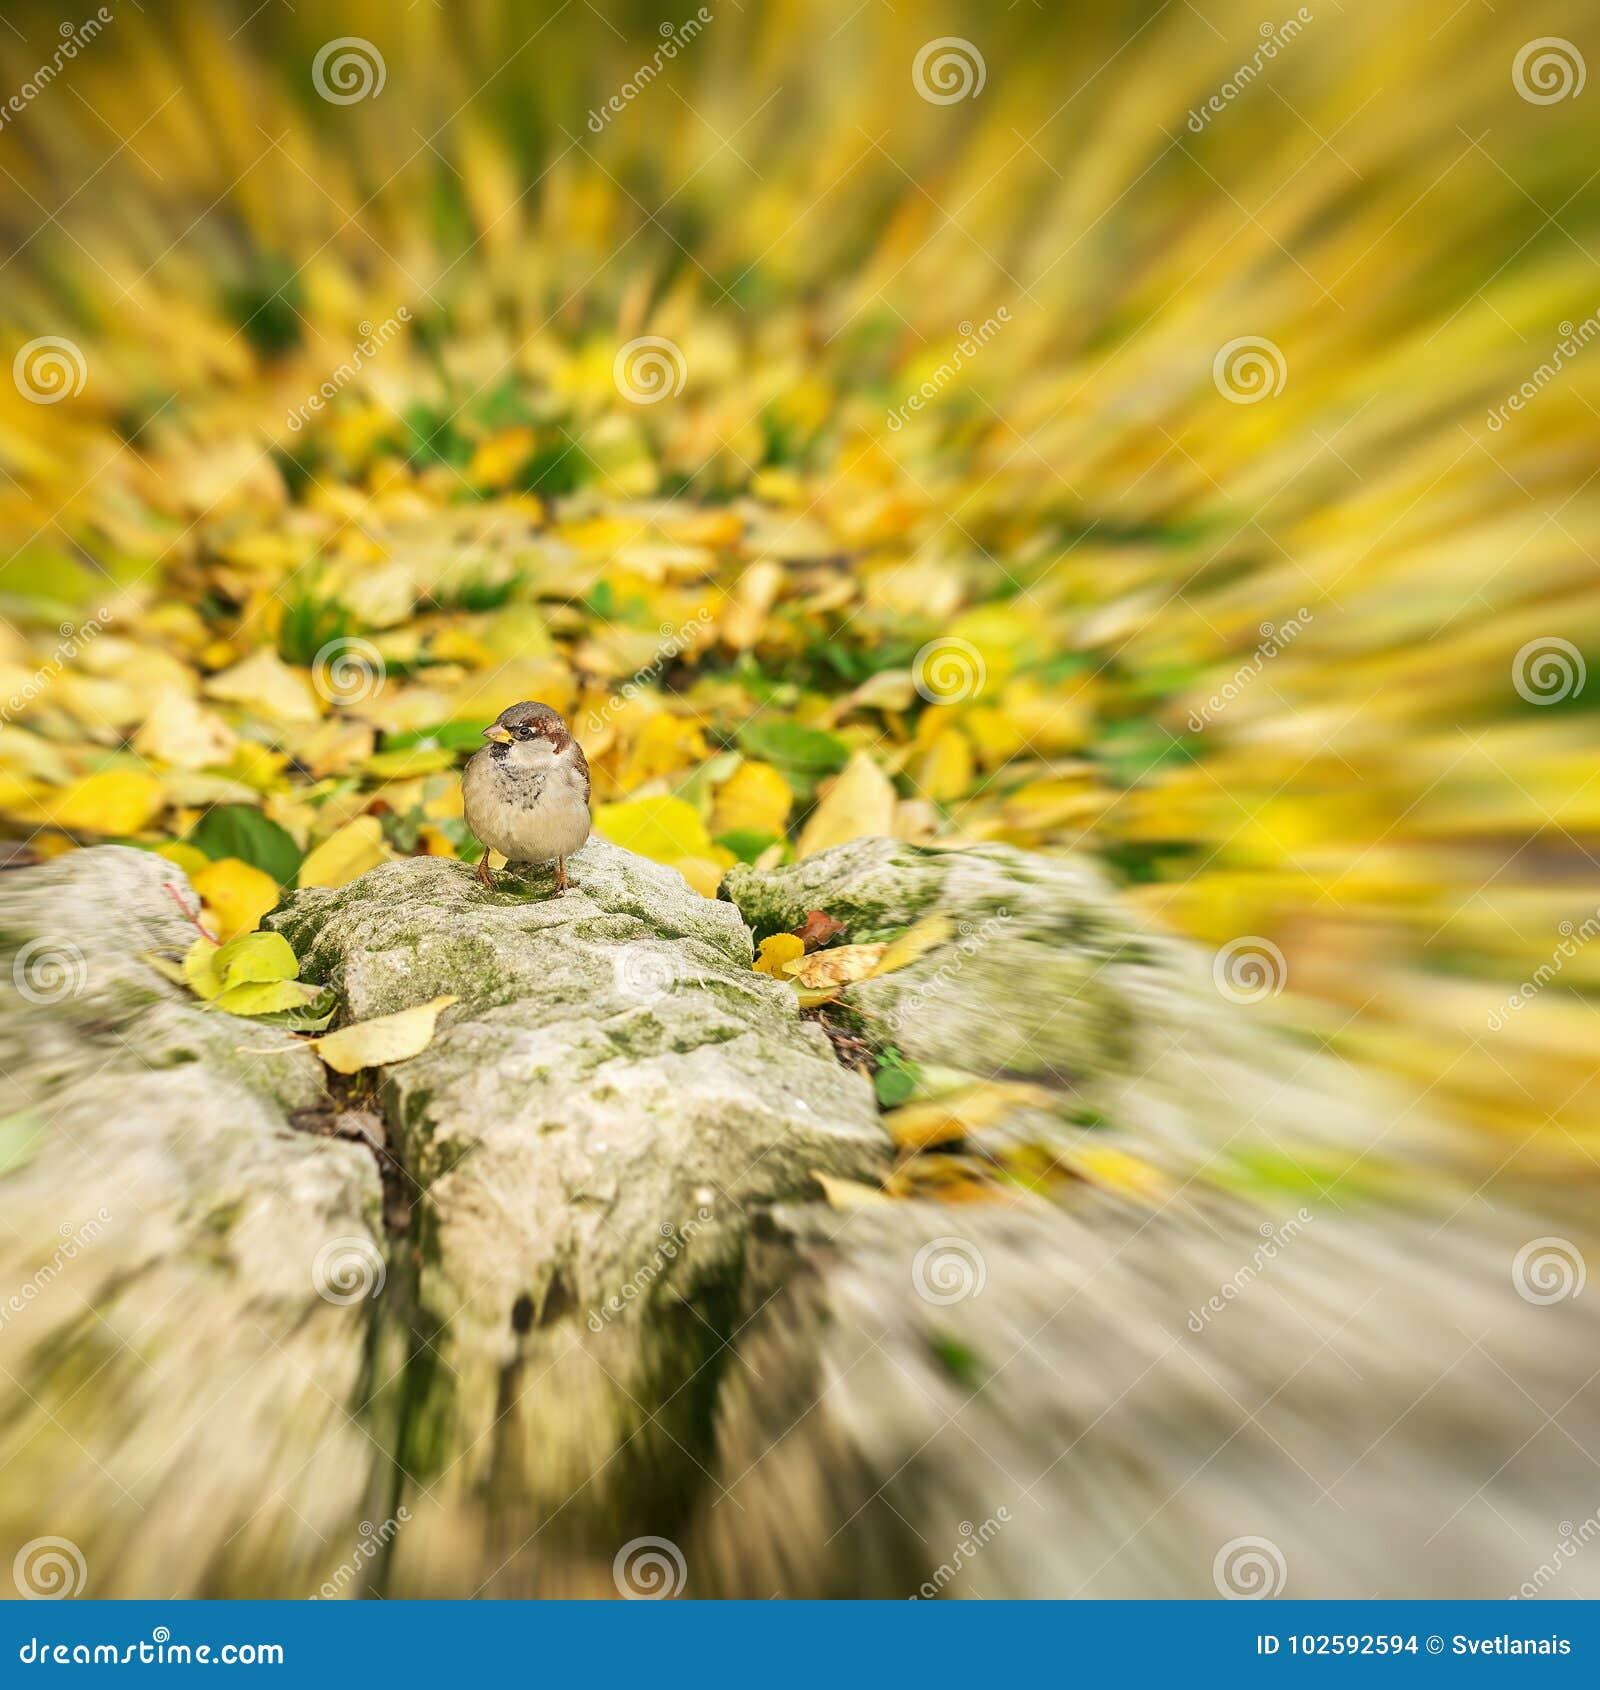 Abstrakt zamazujący jesieni tło w złotych kolorach, mały ptak, wróbel wygrzewa się w słońcu sezony